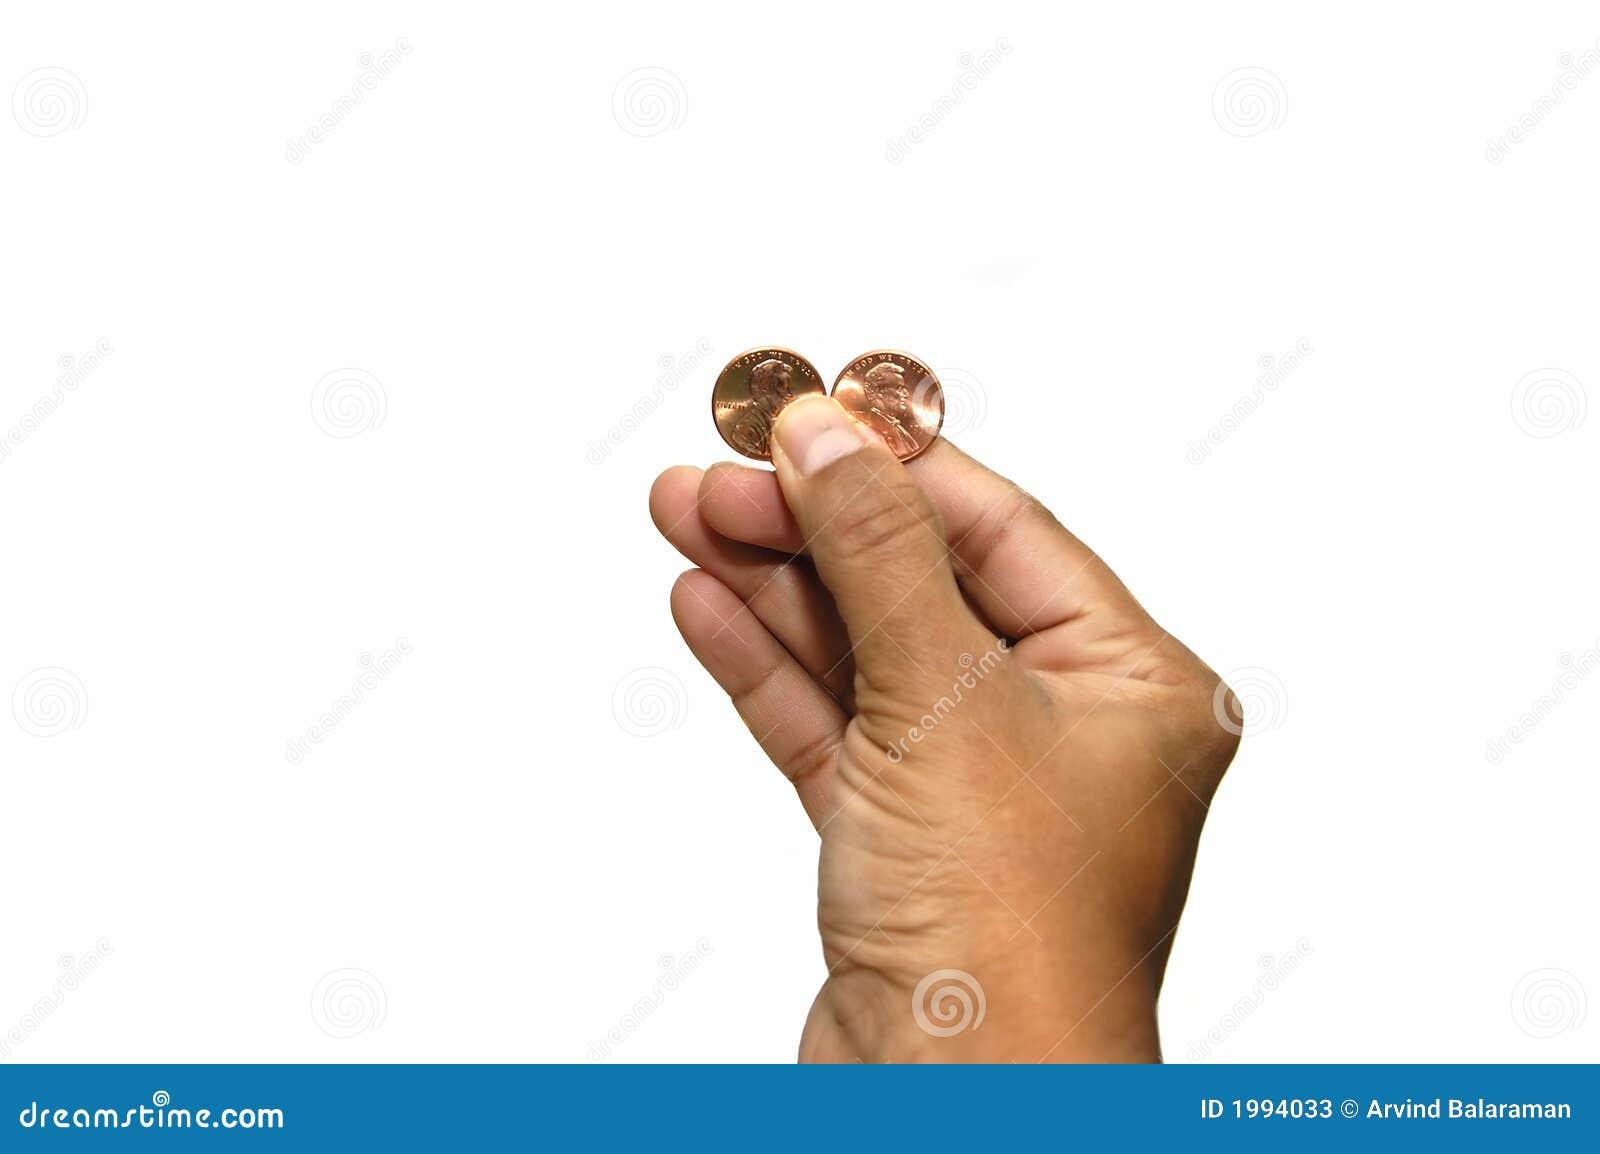 Meine zwei Cents